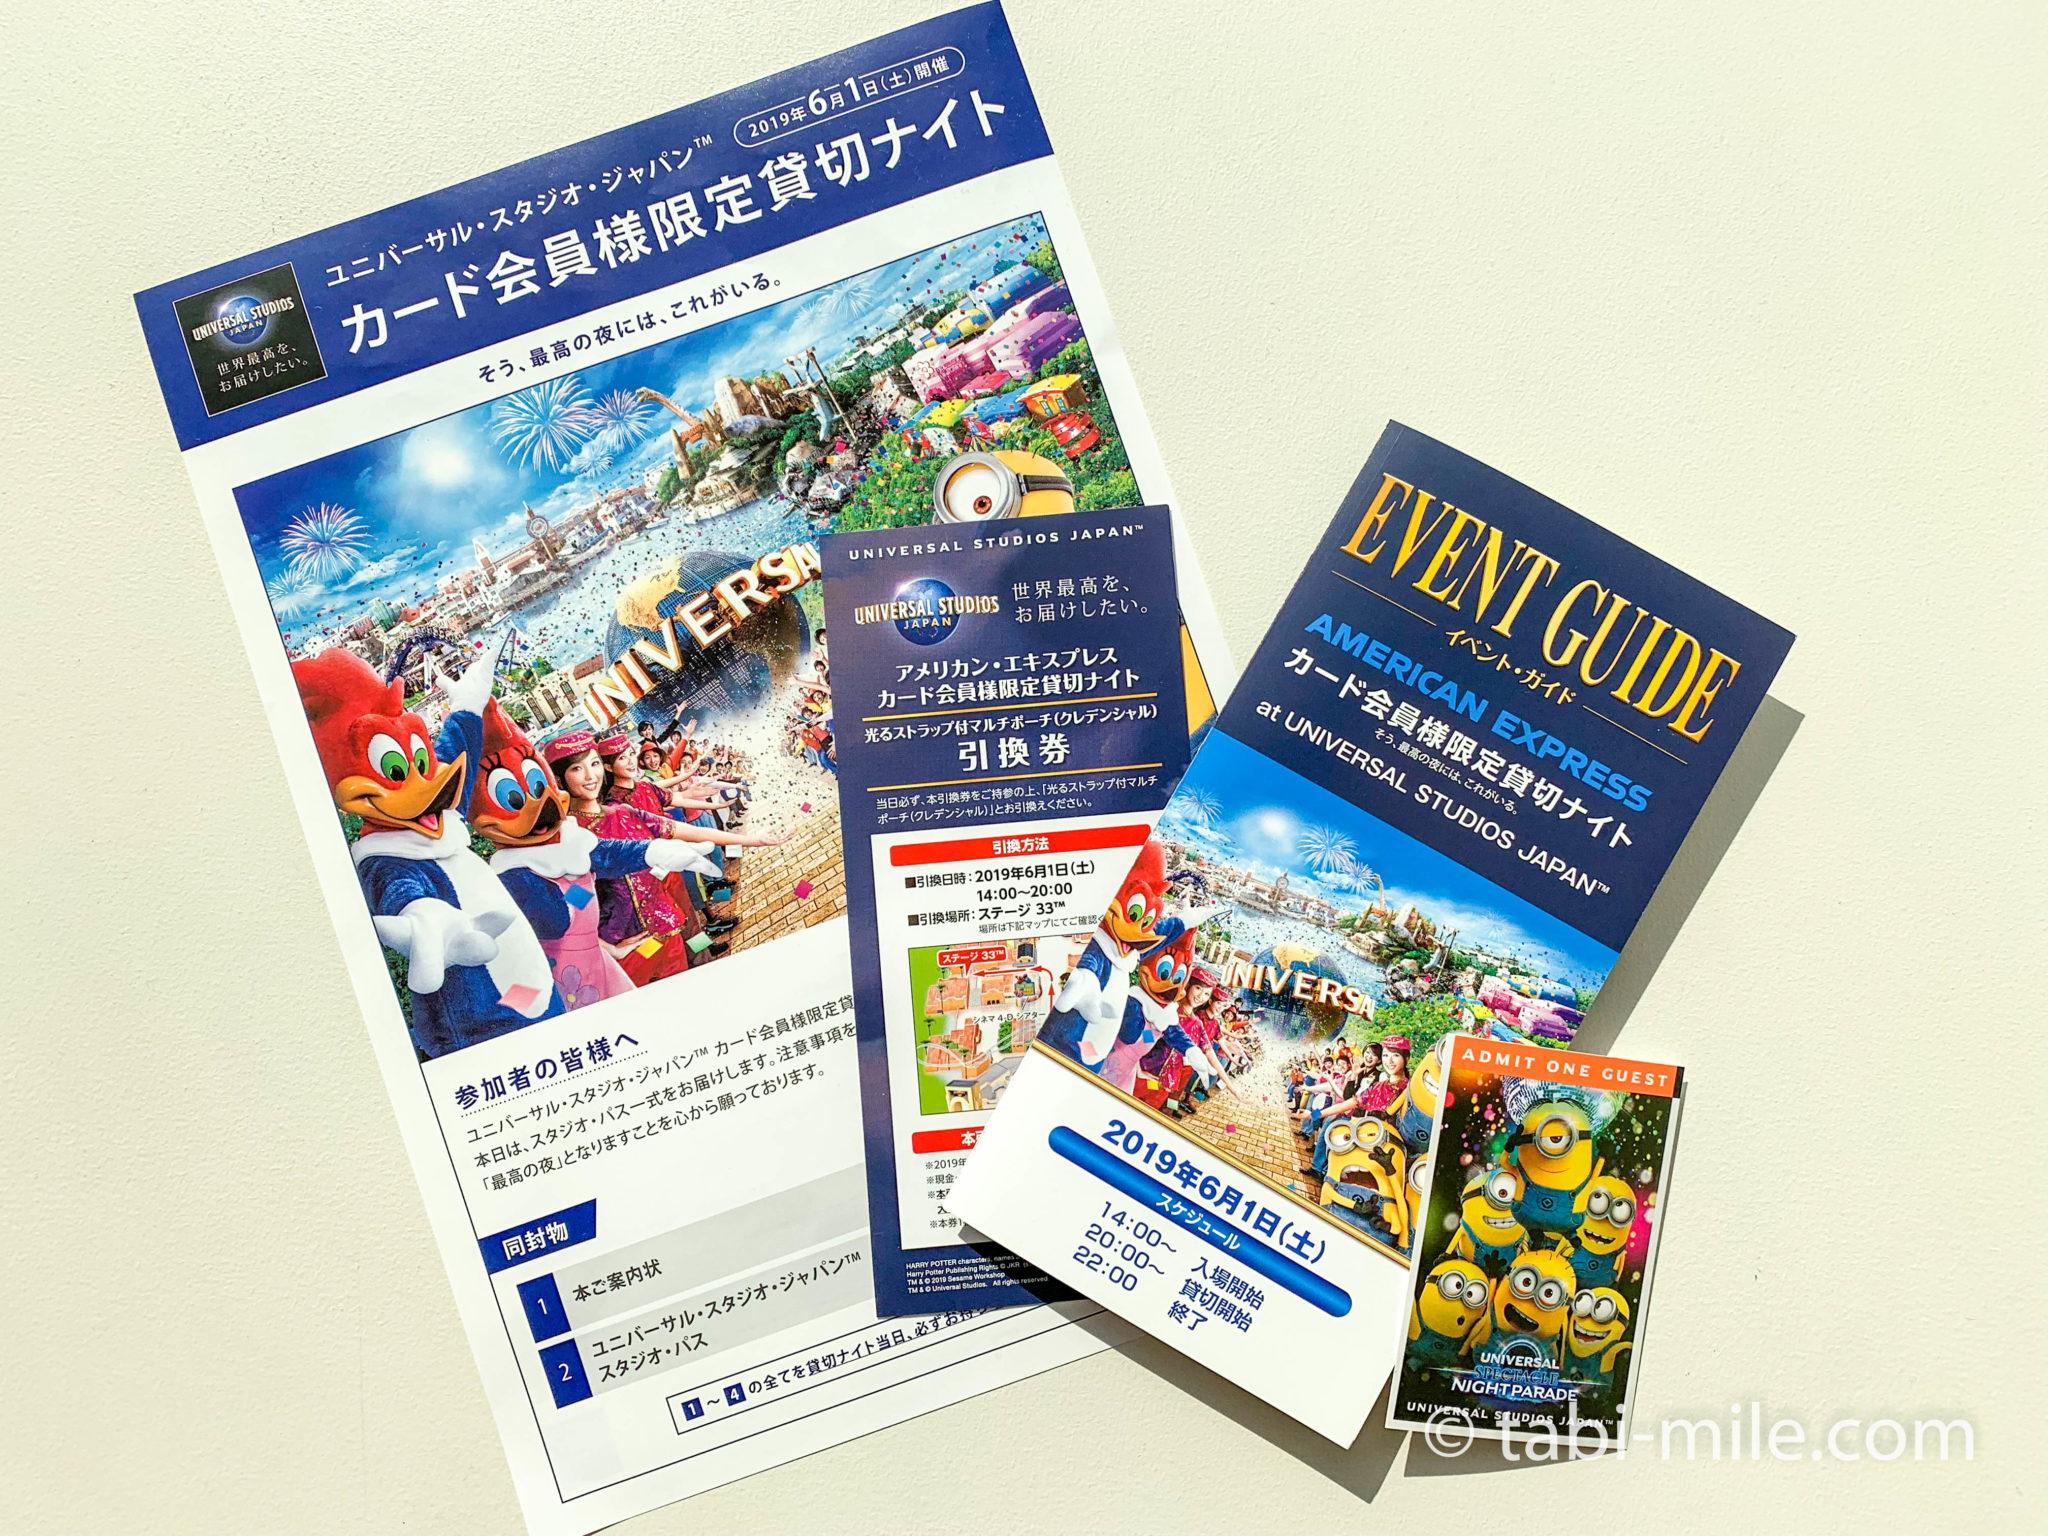 アメックスユニバーサルスタジオジャパン貸し切りナイト2019